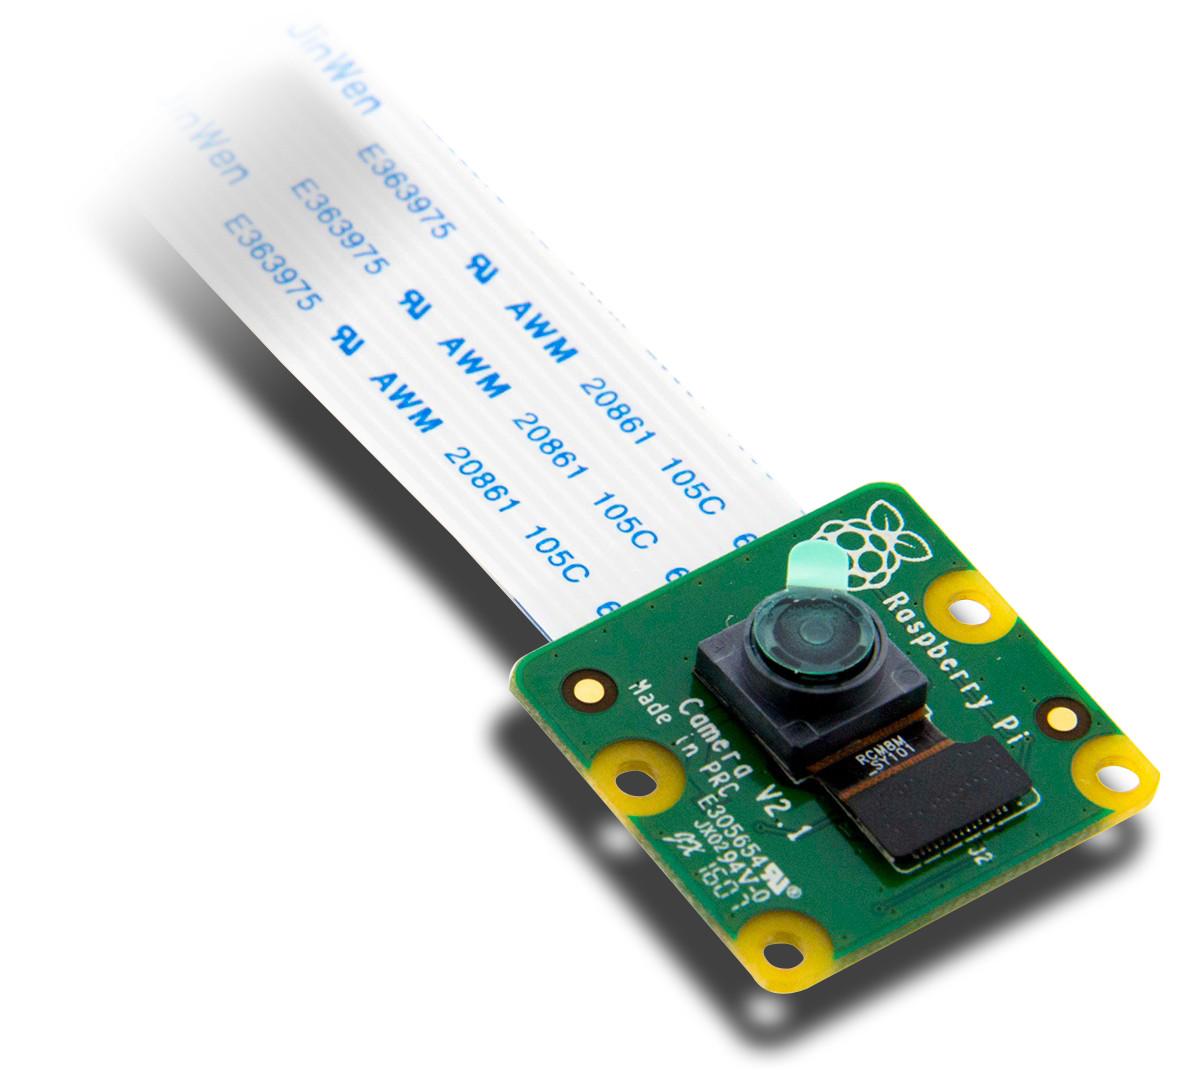 Weight Sensor Module Apexwallpapers Com